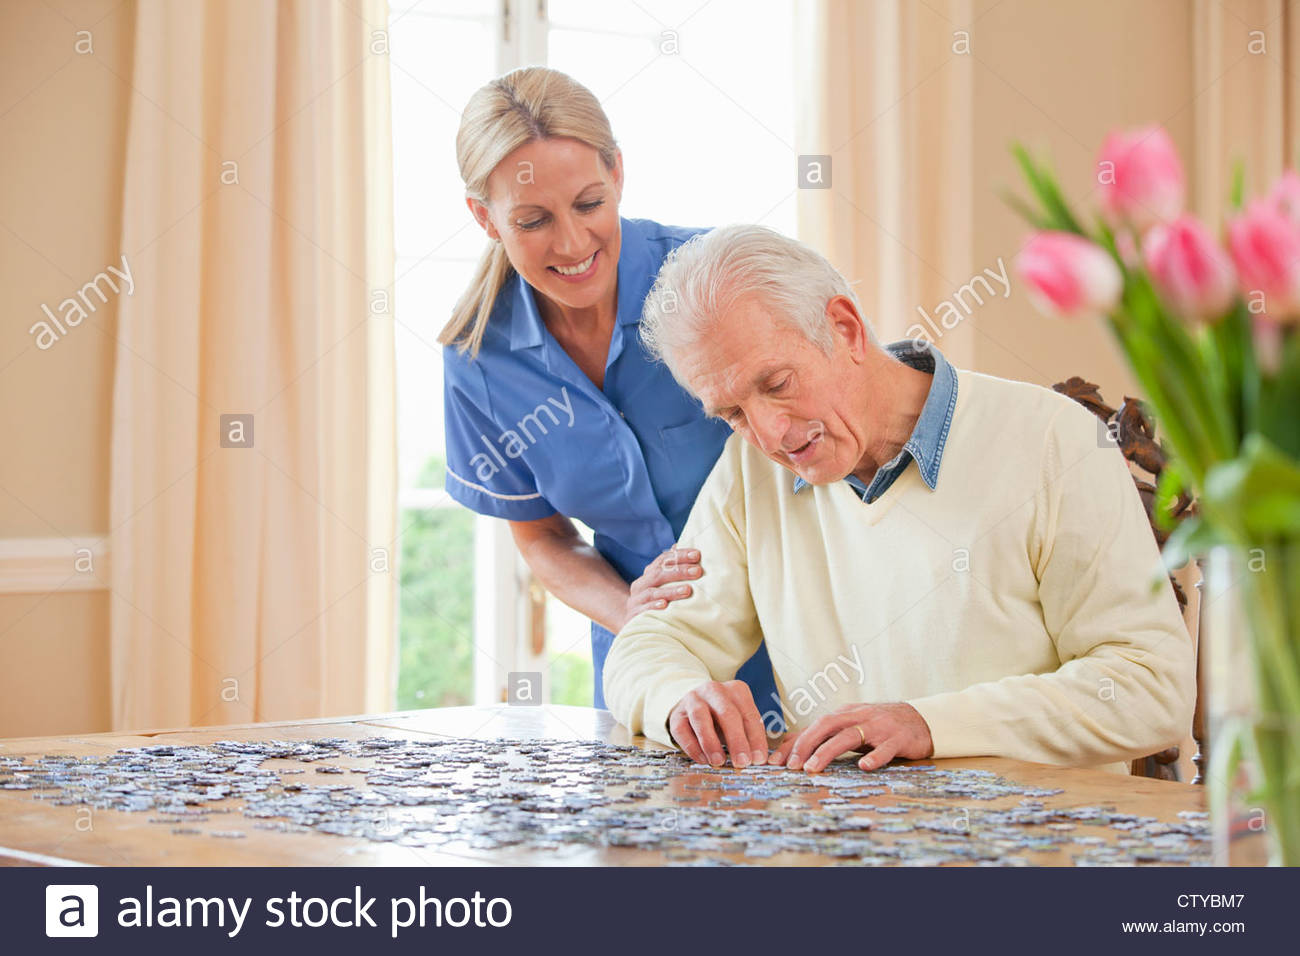 Accueil souriant regardant aidant man assemblage jigsaw puzzle sur la table Photo Stock